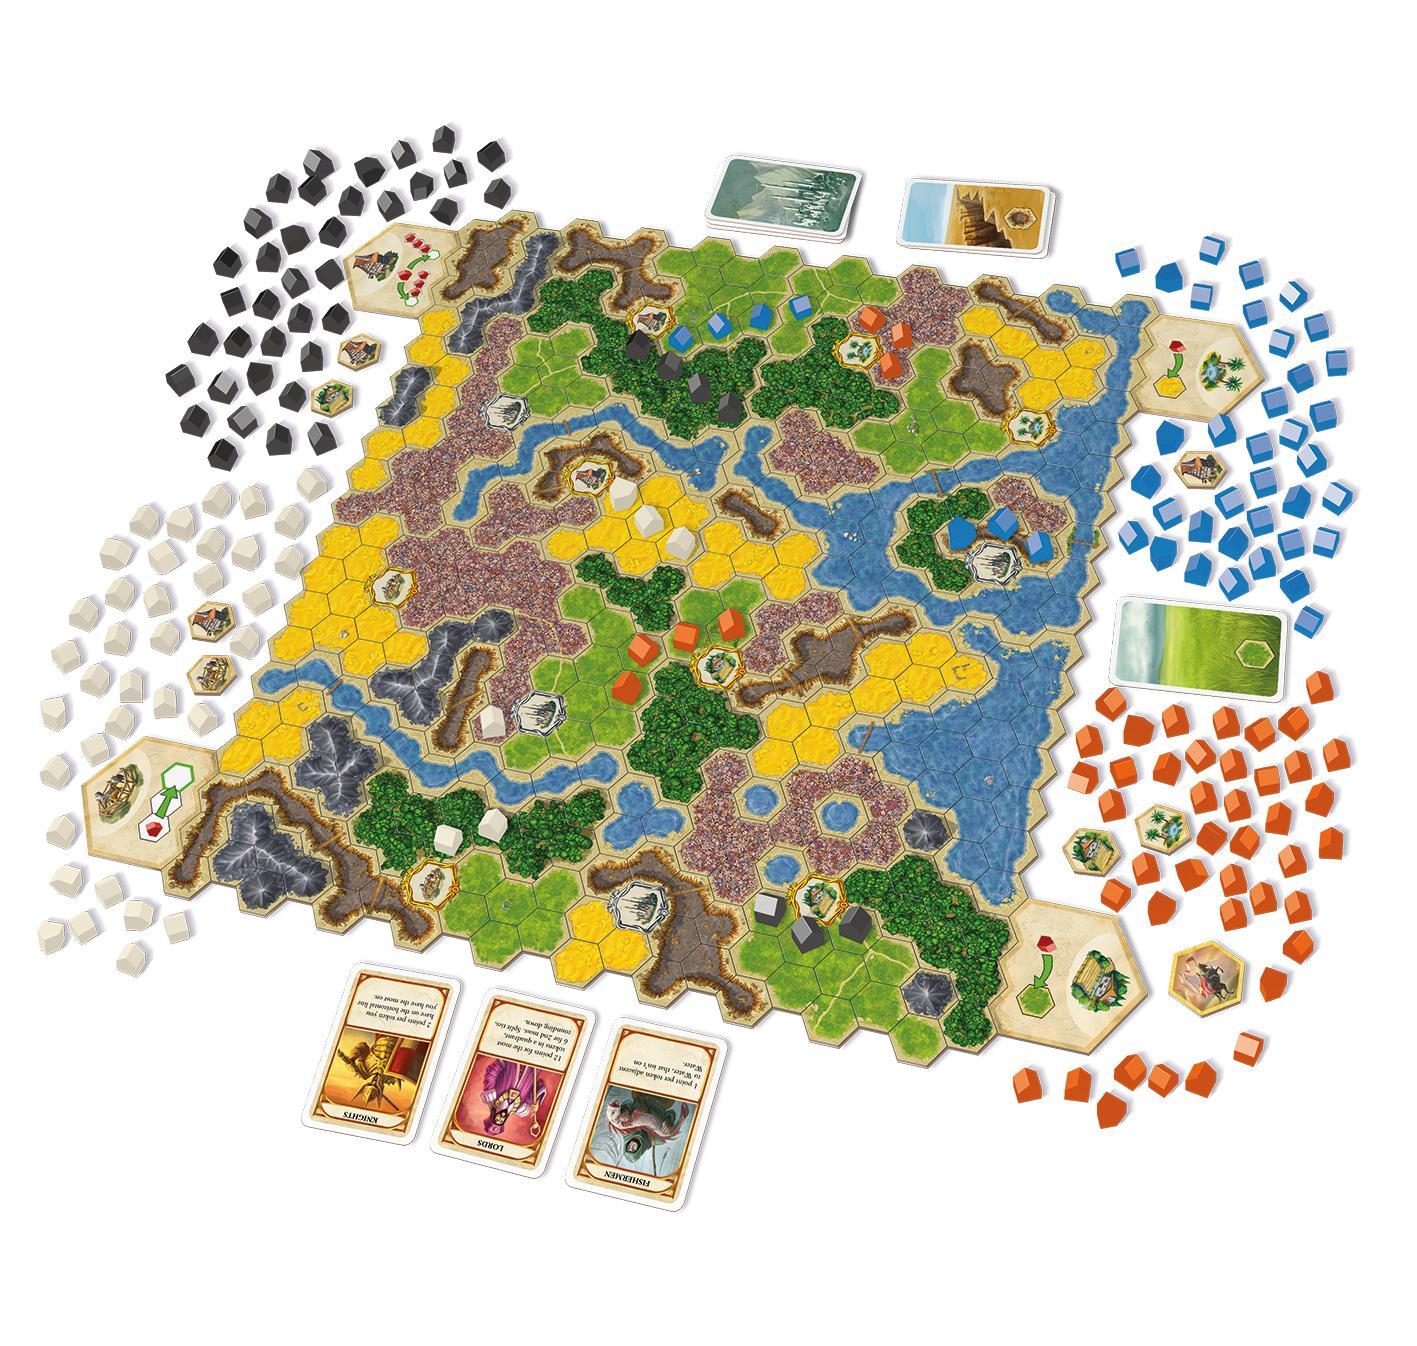 Amazon: Amazon.com: Queen Games Kingdom Builder: Toys & Games